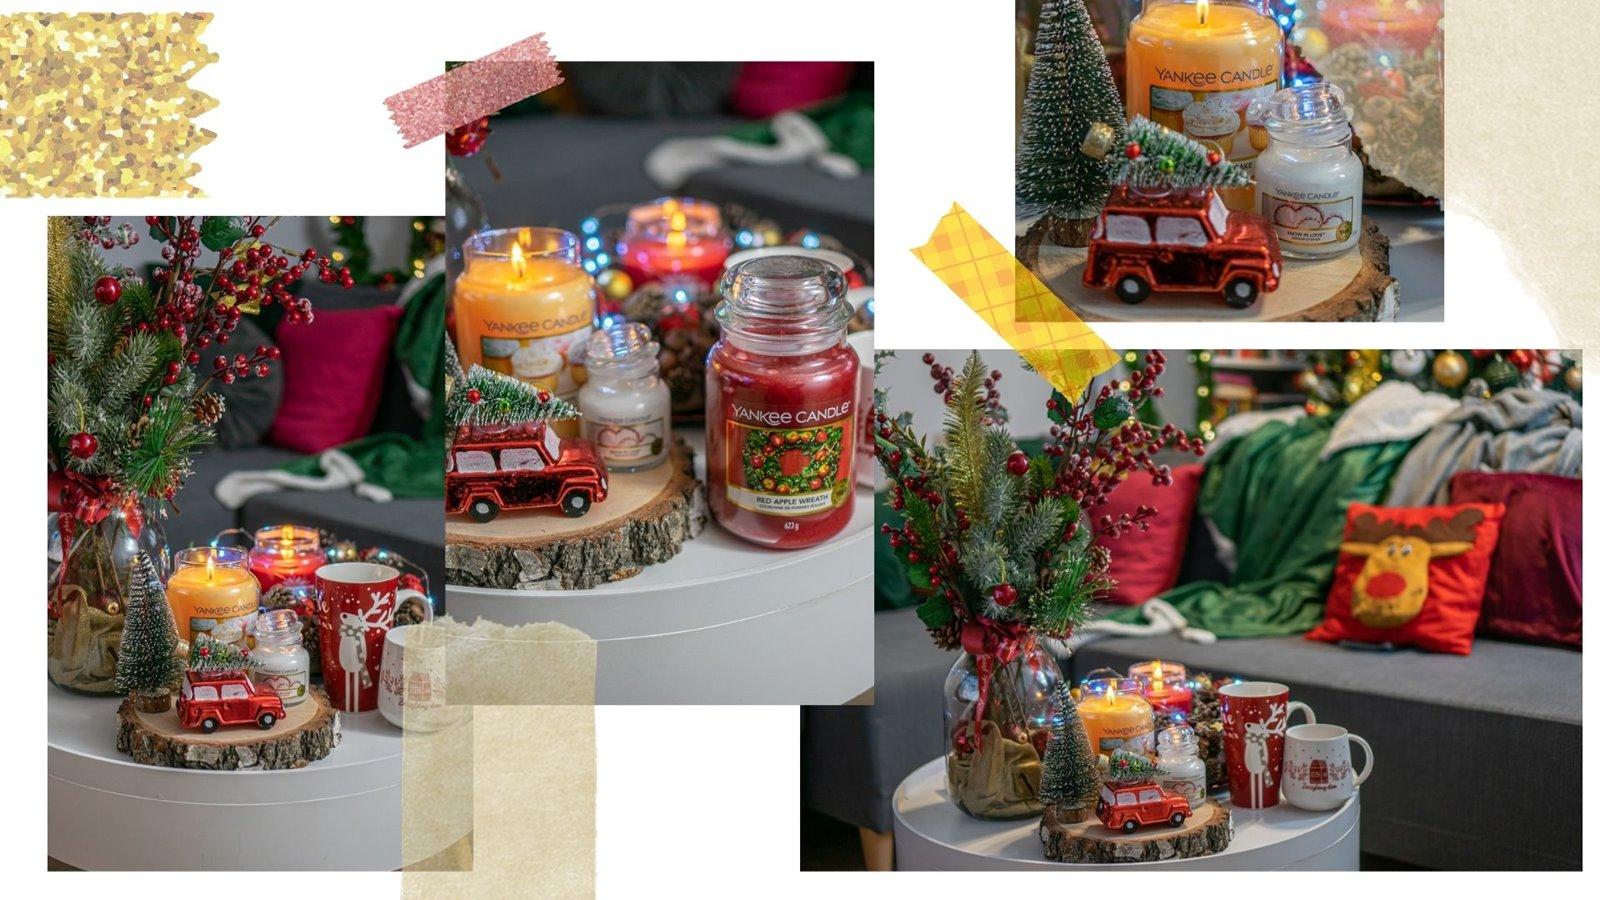 3 małe detale dodatki na świąteczny stół jak udekorować pokój salon mieszkanie jak ubrać choinkę nietypowe bombki świąteczne poduszki z motywem bożonarodzeniowym zielono-złote zaslony